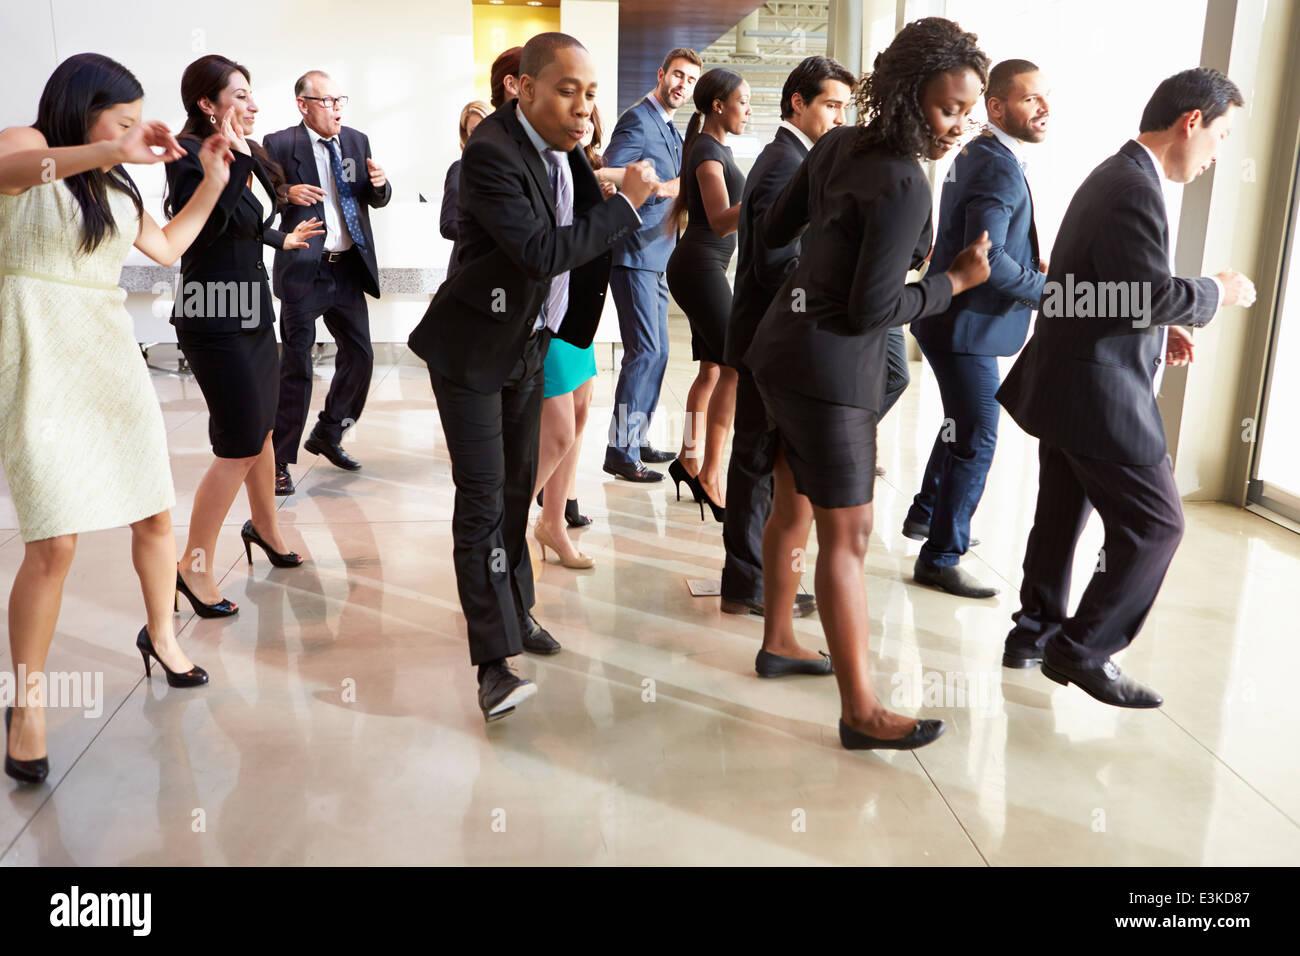 Unternehmer und Unternehmerinnen im Büro Lobby tanzen Stockbild